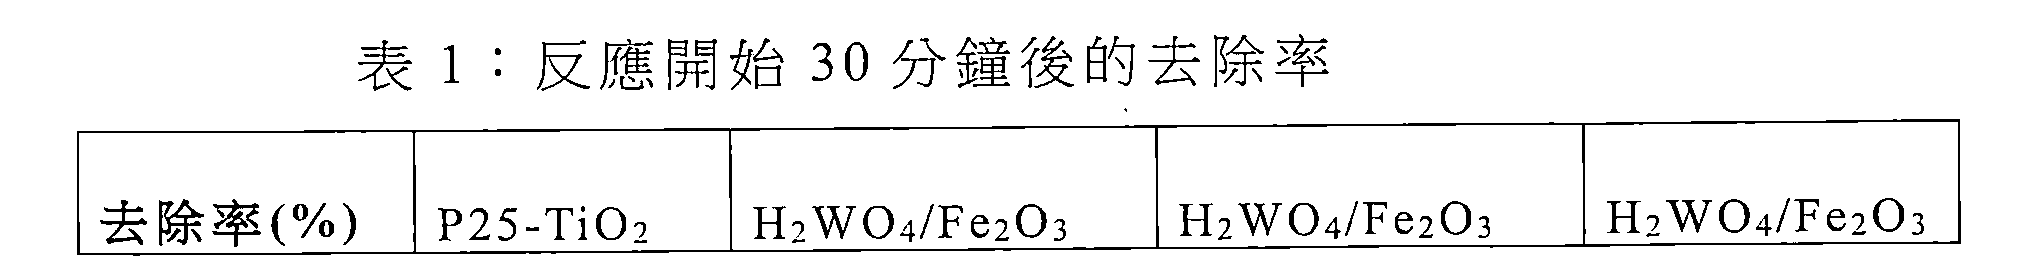 Figure TWI609718BD00001